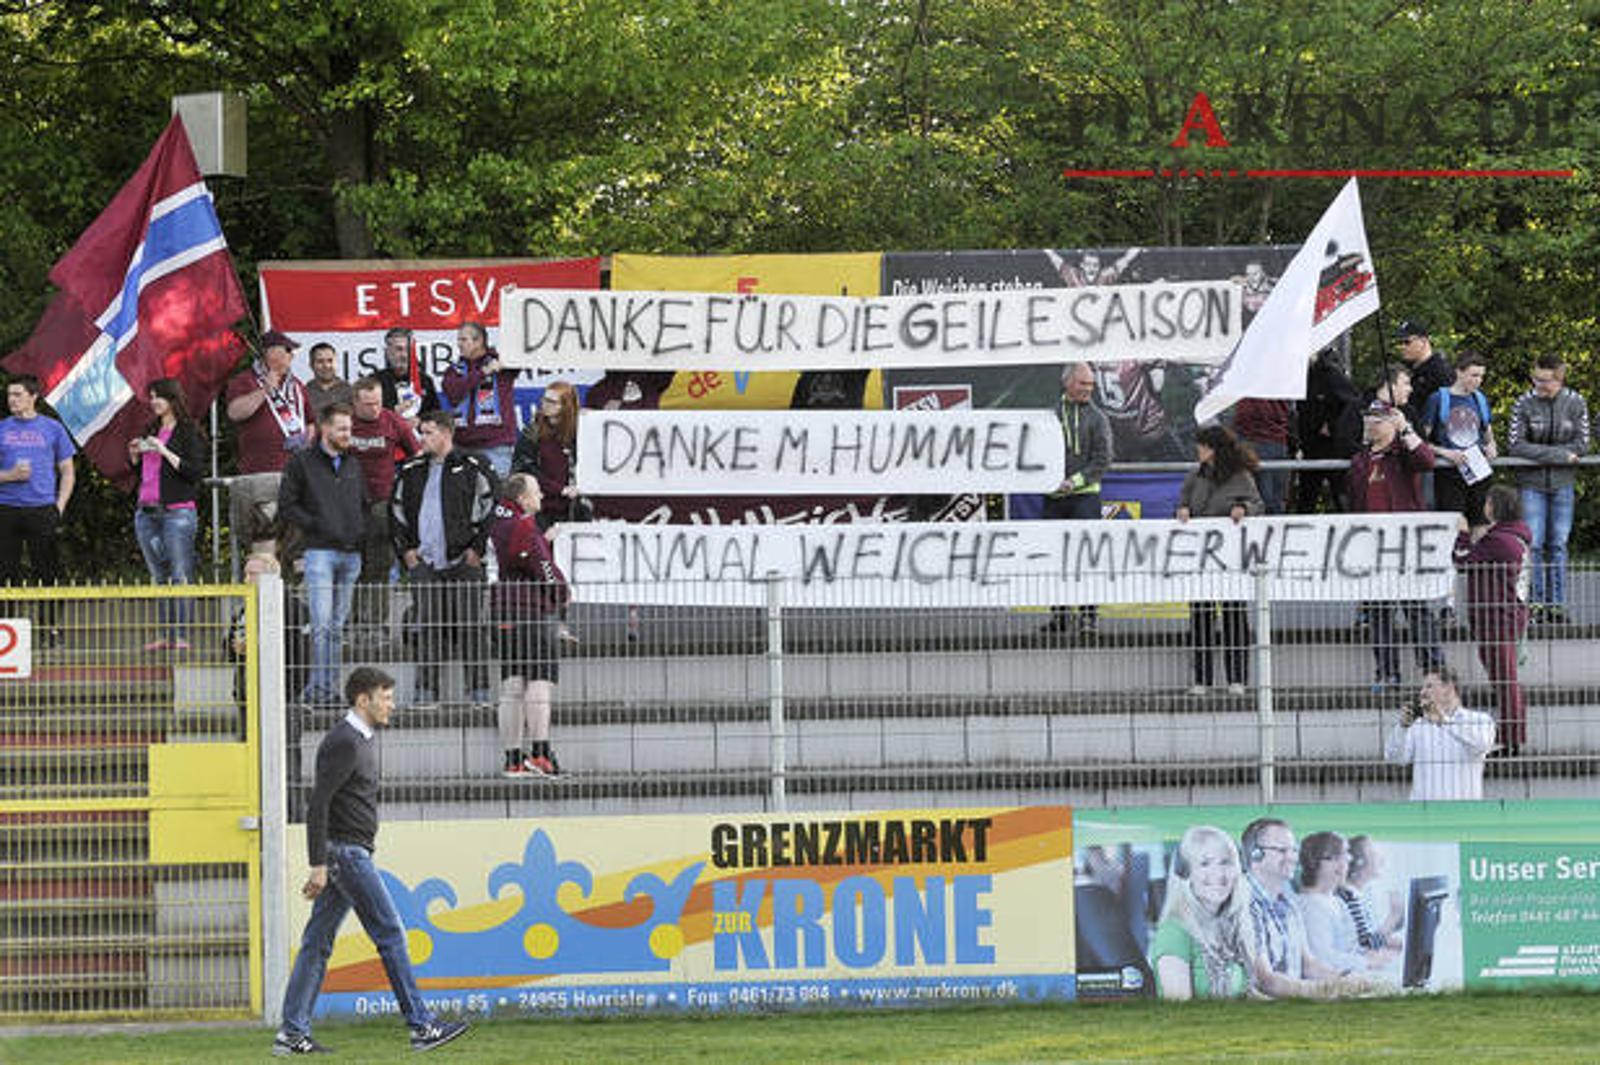 weiche flensburg stadion